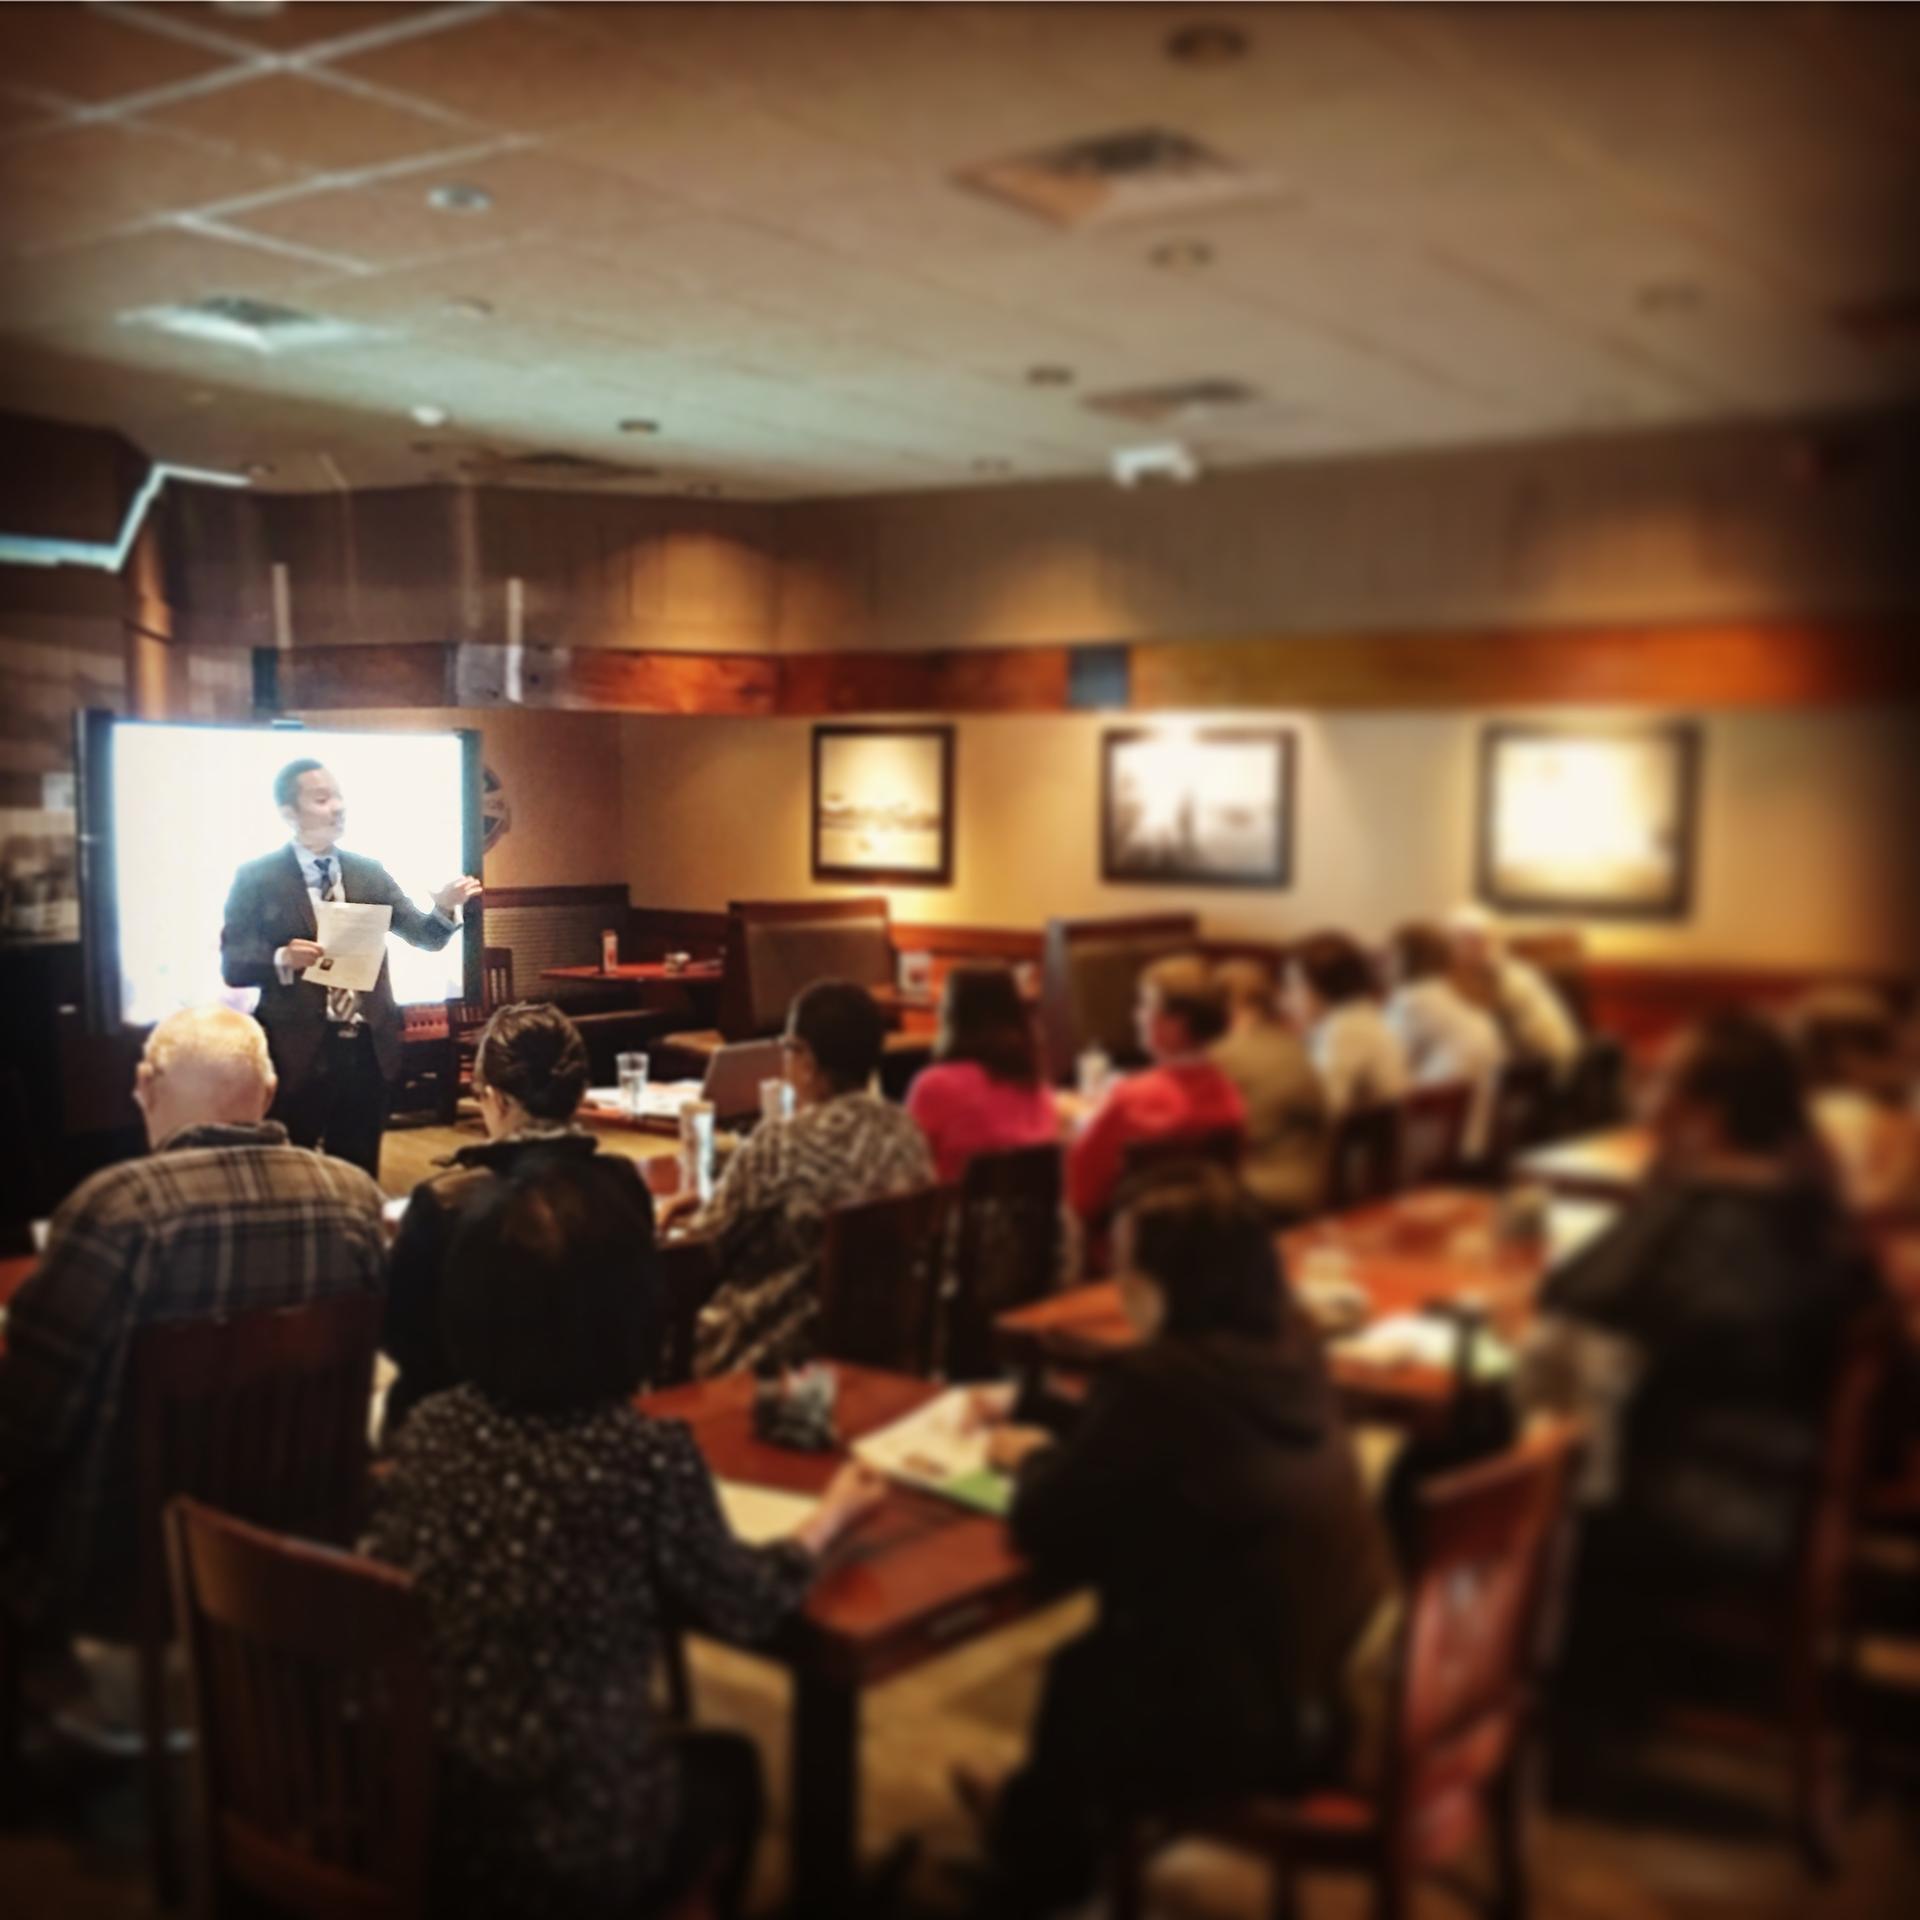 Uping Seminars Wealth Master Group Inc